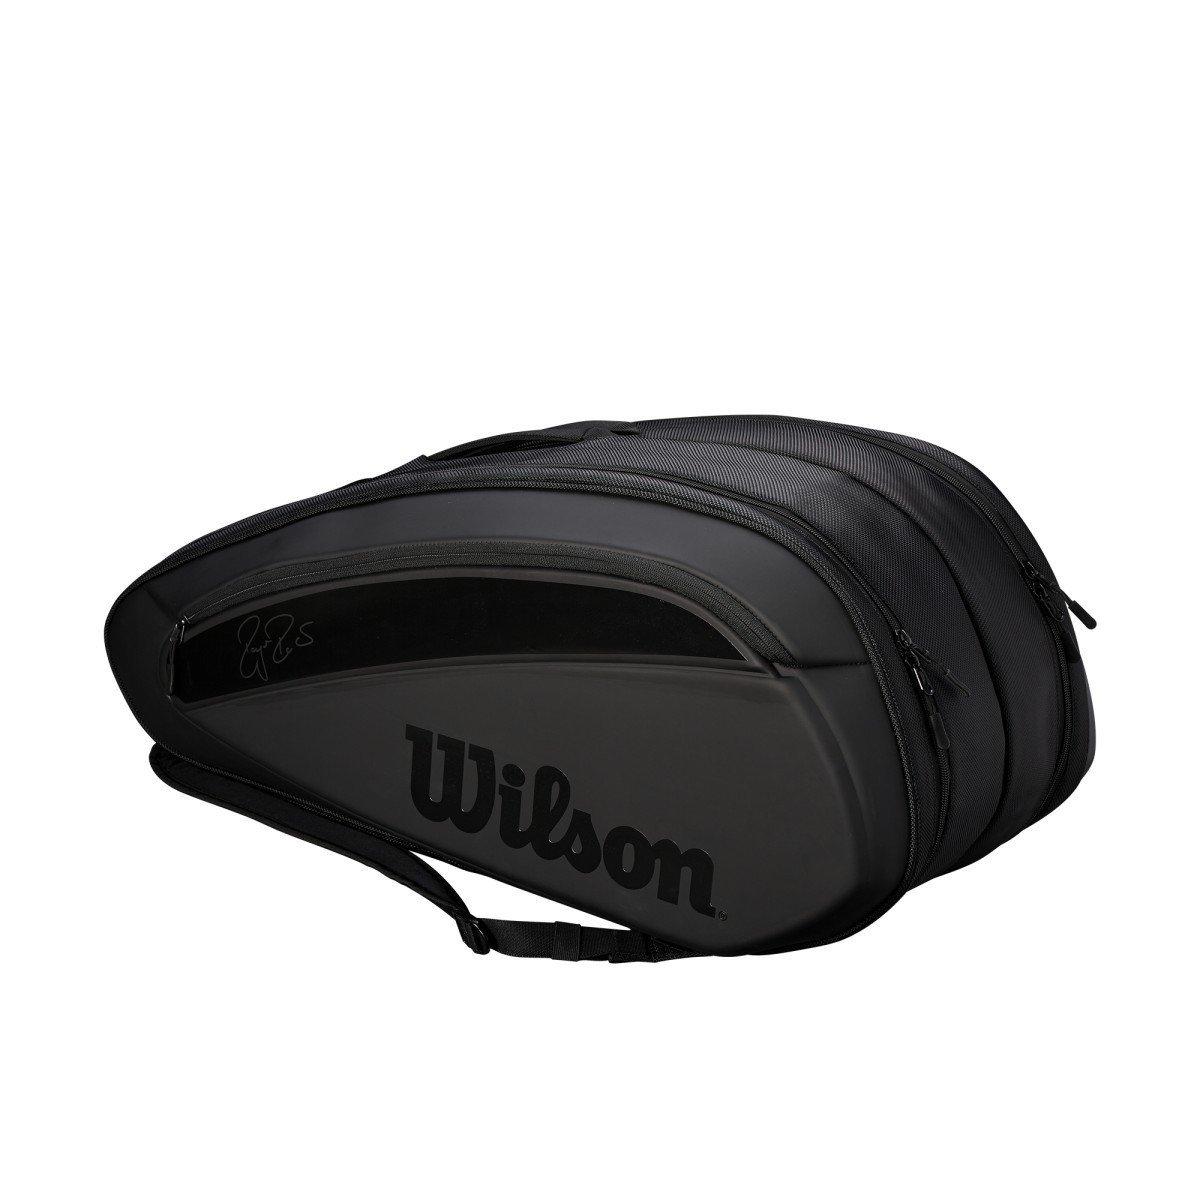 Wilson Tennis Bag – 2018 Federer DNA 12-Pack Bag - Black